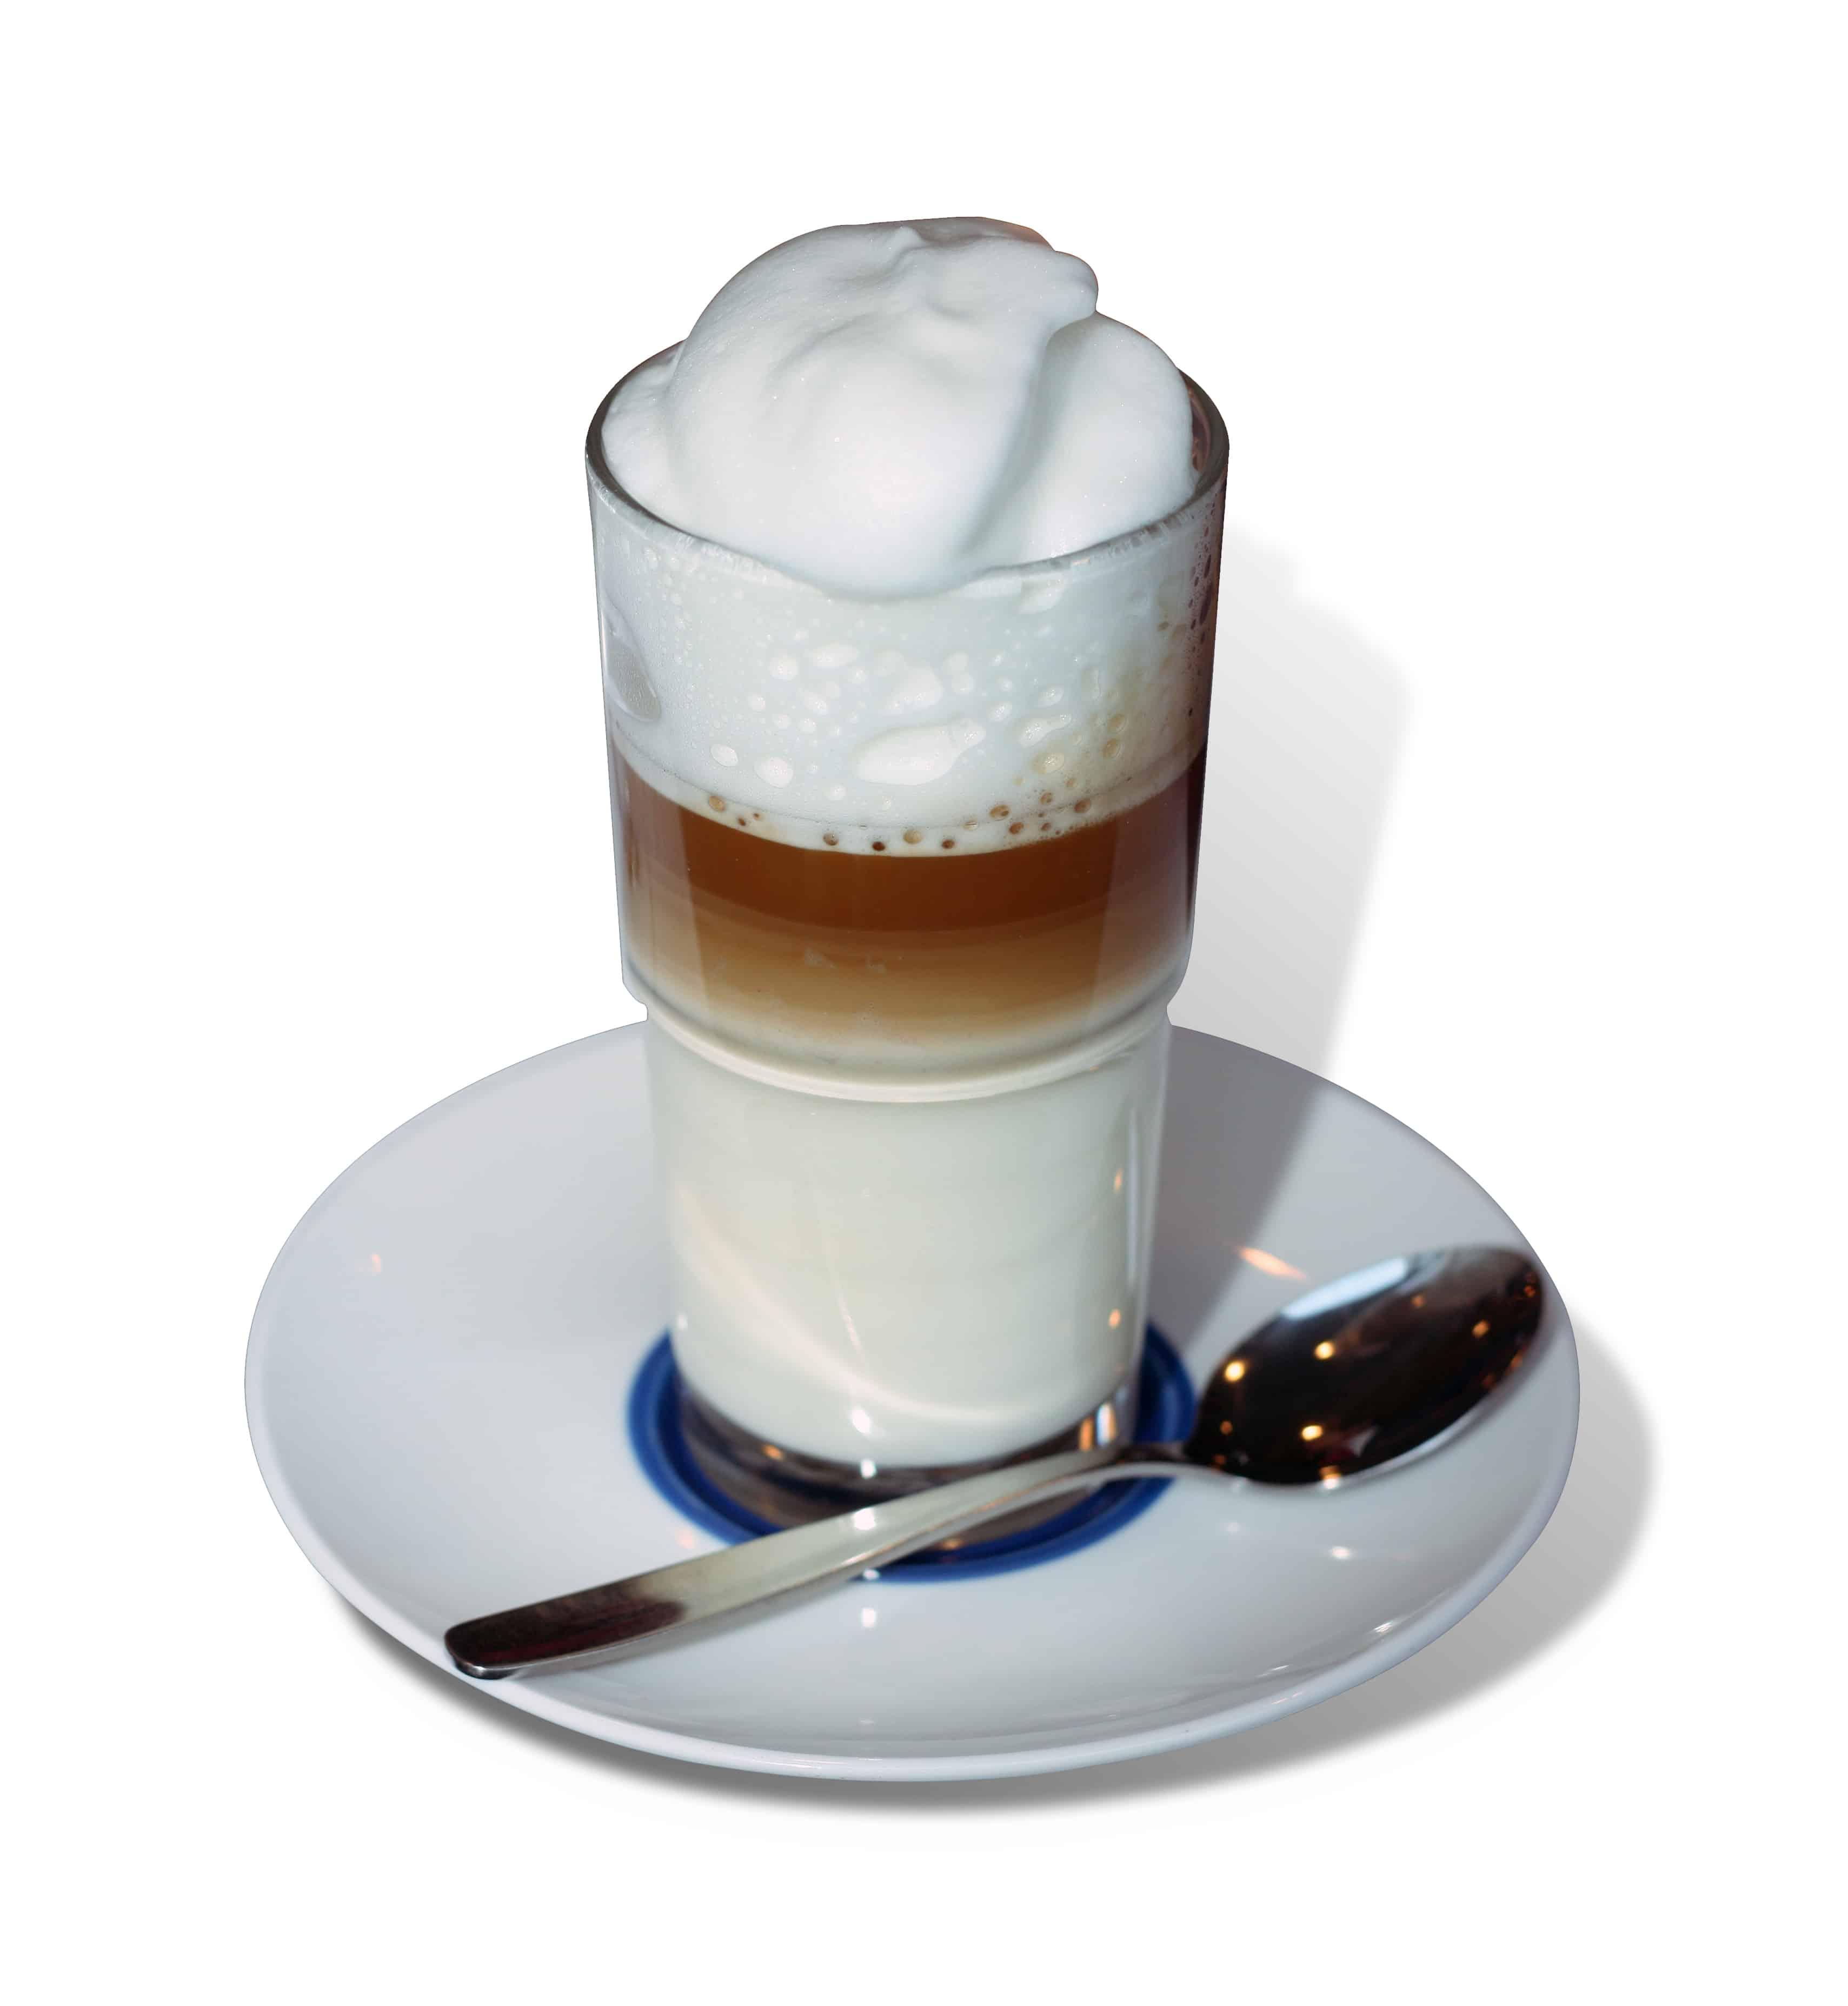 דרים של אסקסו- מכונת קפה איכותית בעיצוב עוצר נשימה